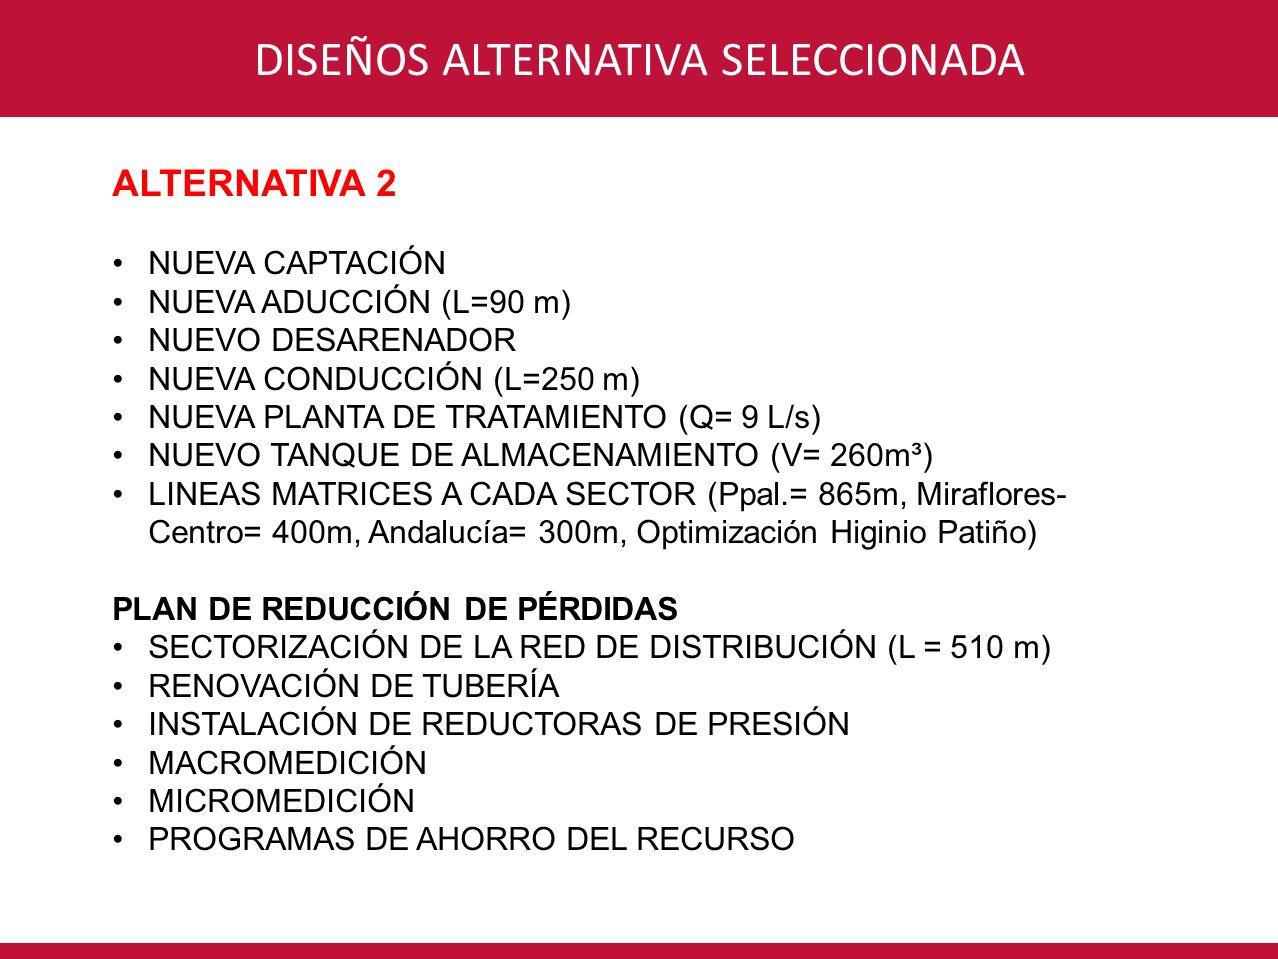 CONSORCIO INTERVENTORÍA POR UN NUEVO VALLEDISEÑOS ALTERNATIVA SELECCIONADA ALTERNATIVA 2 NUEVA CAPTACIÓN NUEVA ADUCCIÓN (L=90 m) NUEVO DESARENADOR NUE